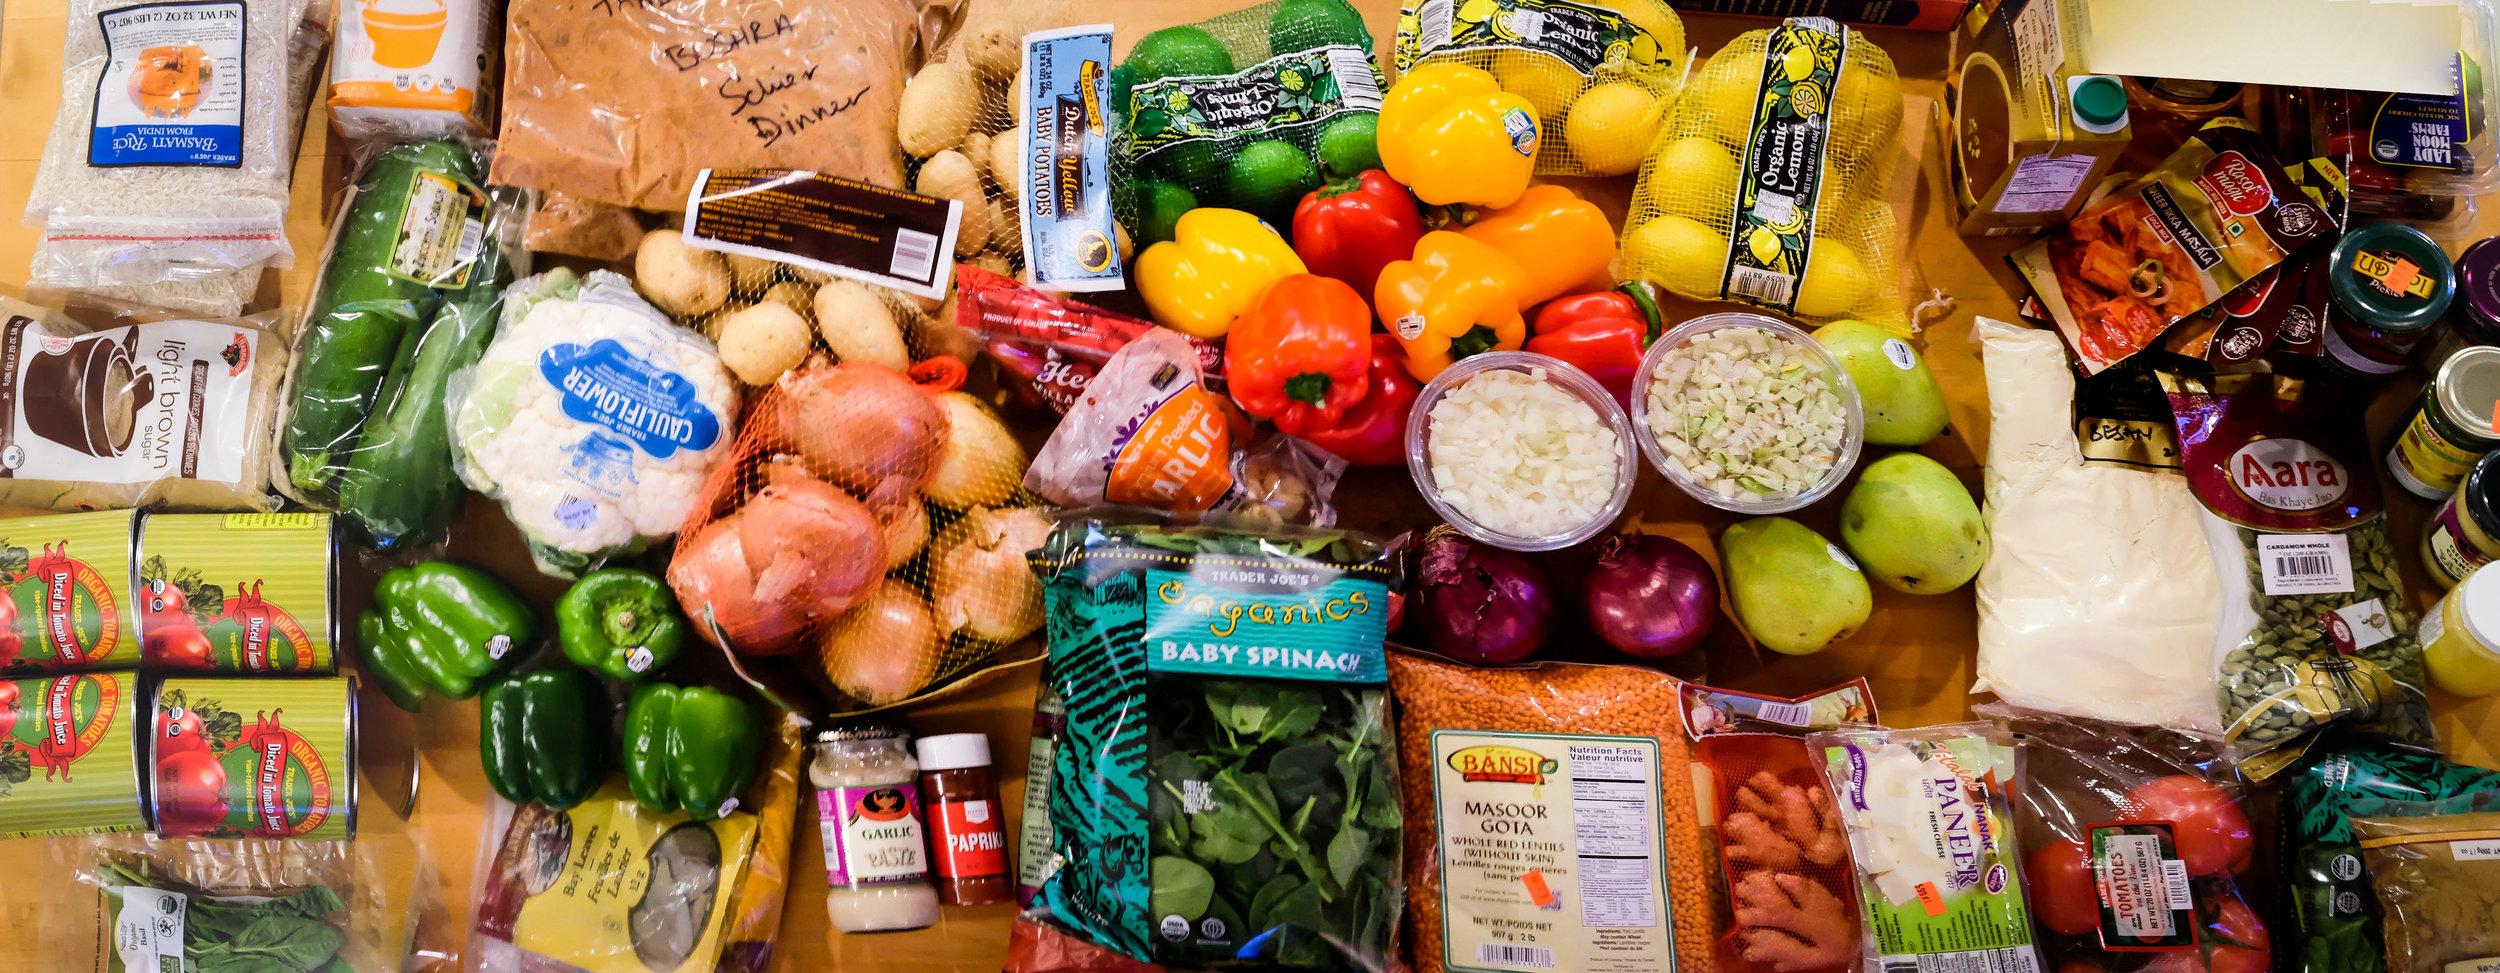 ingredients_curry_meal-2.jpg